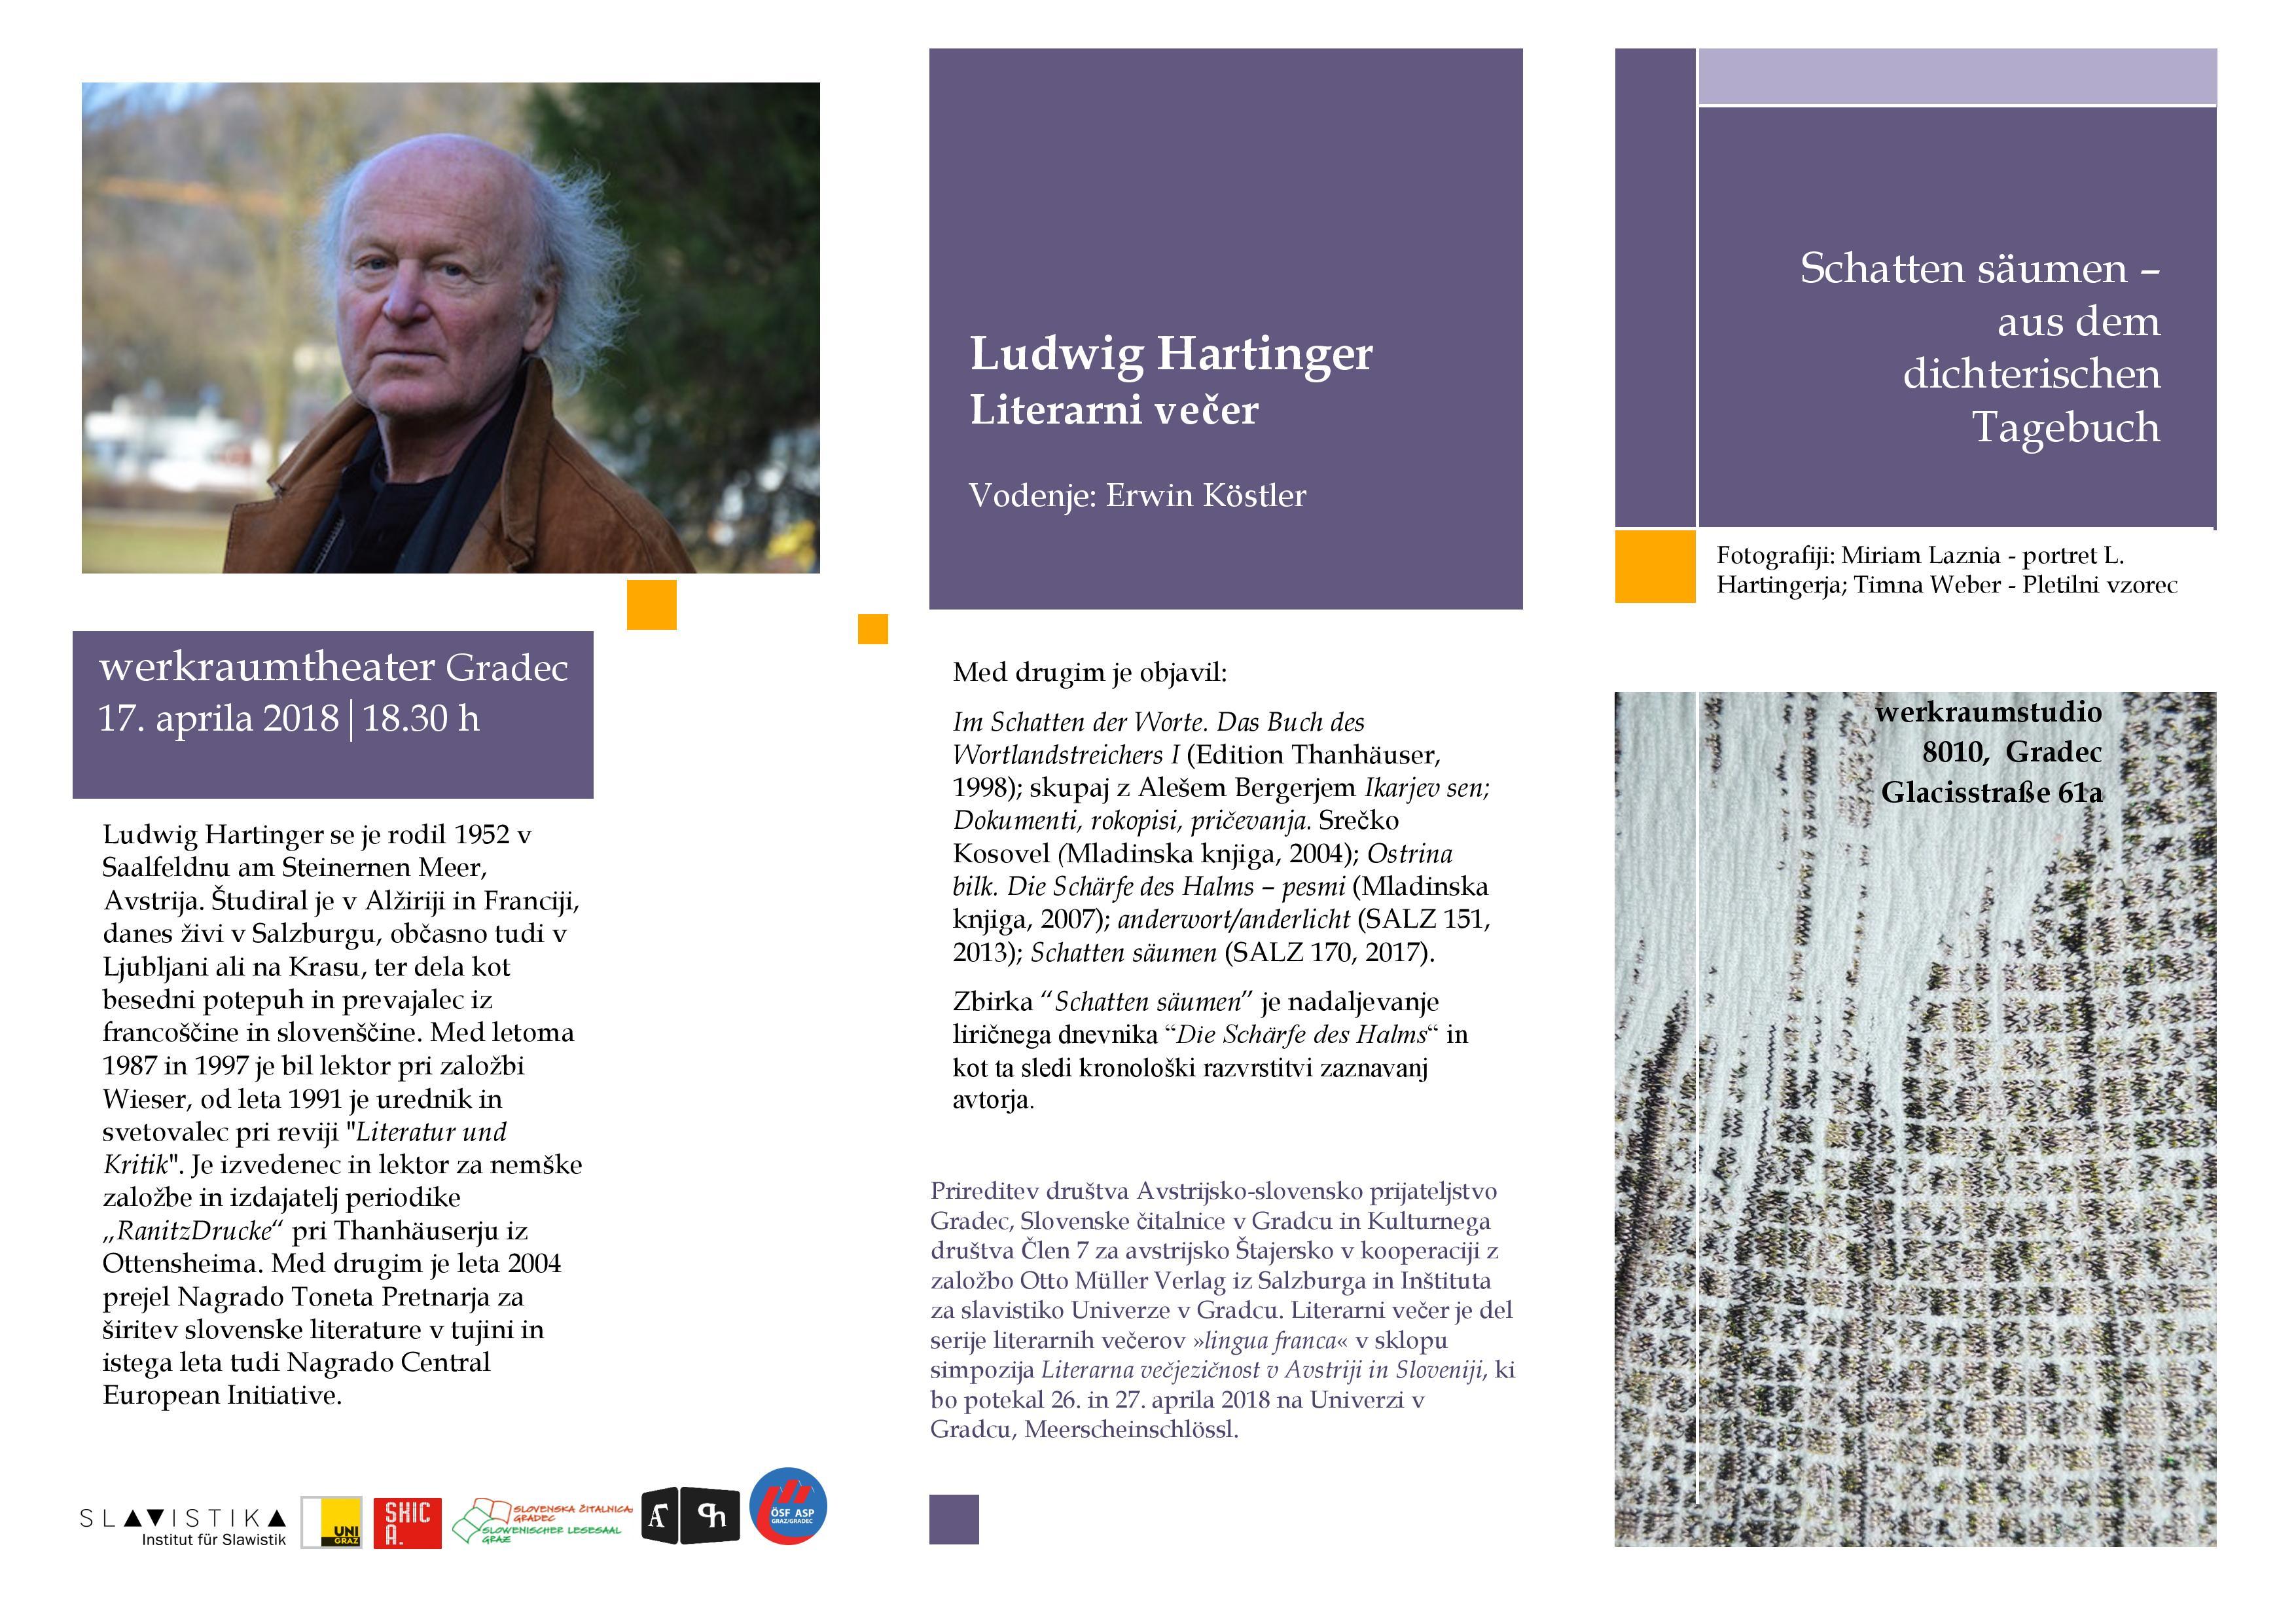 17. april 2018 | literarni večer z Ludwigom Hartingerjem